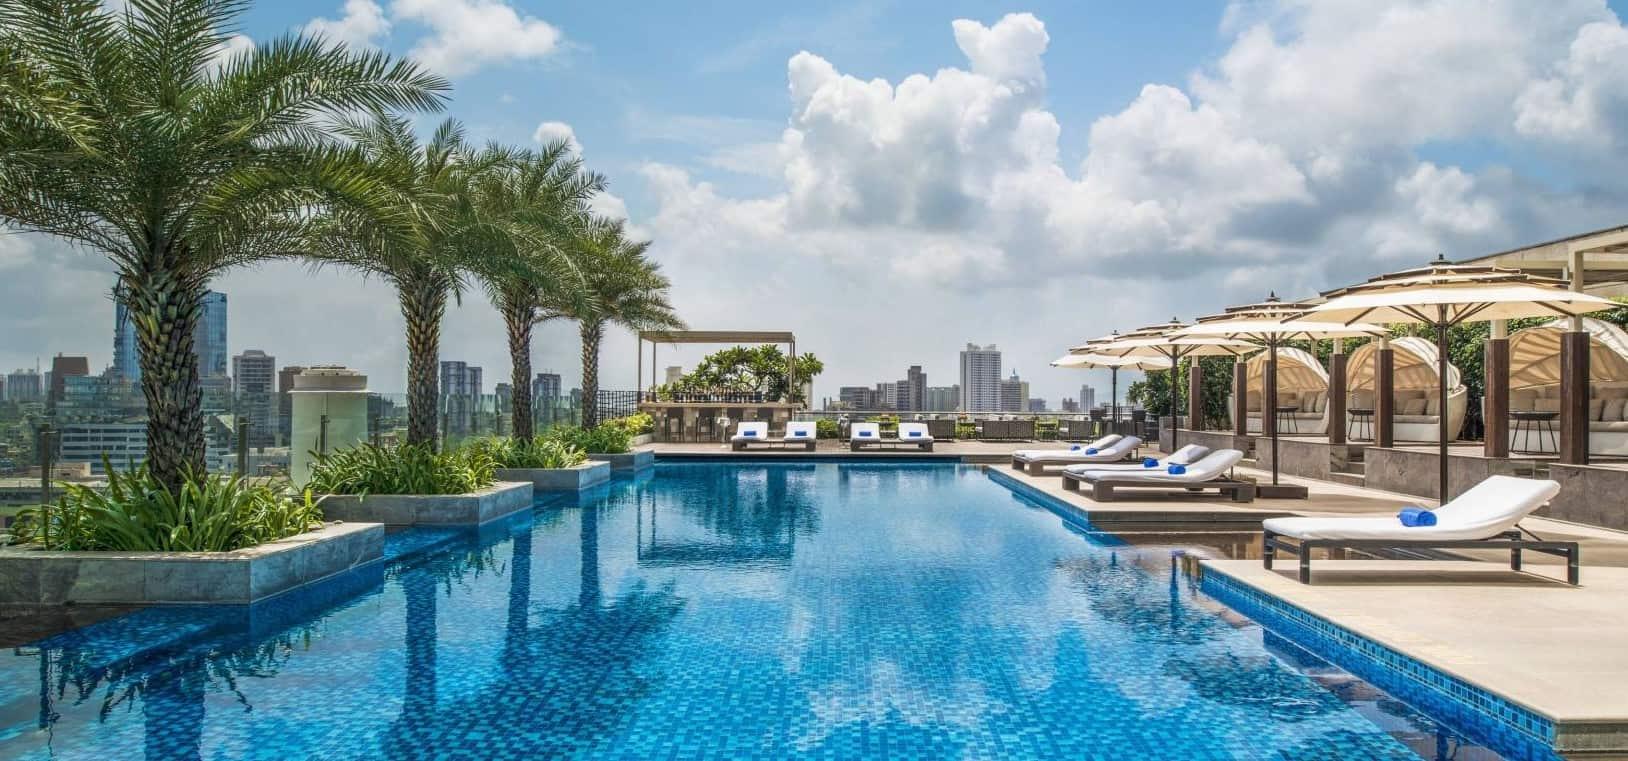 St Regis Mumbai pool